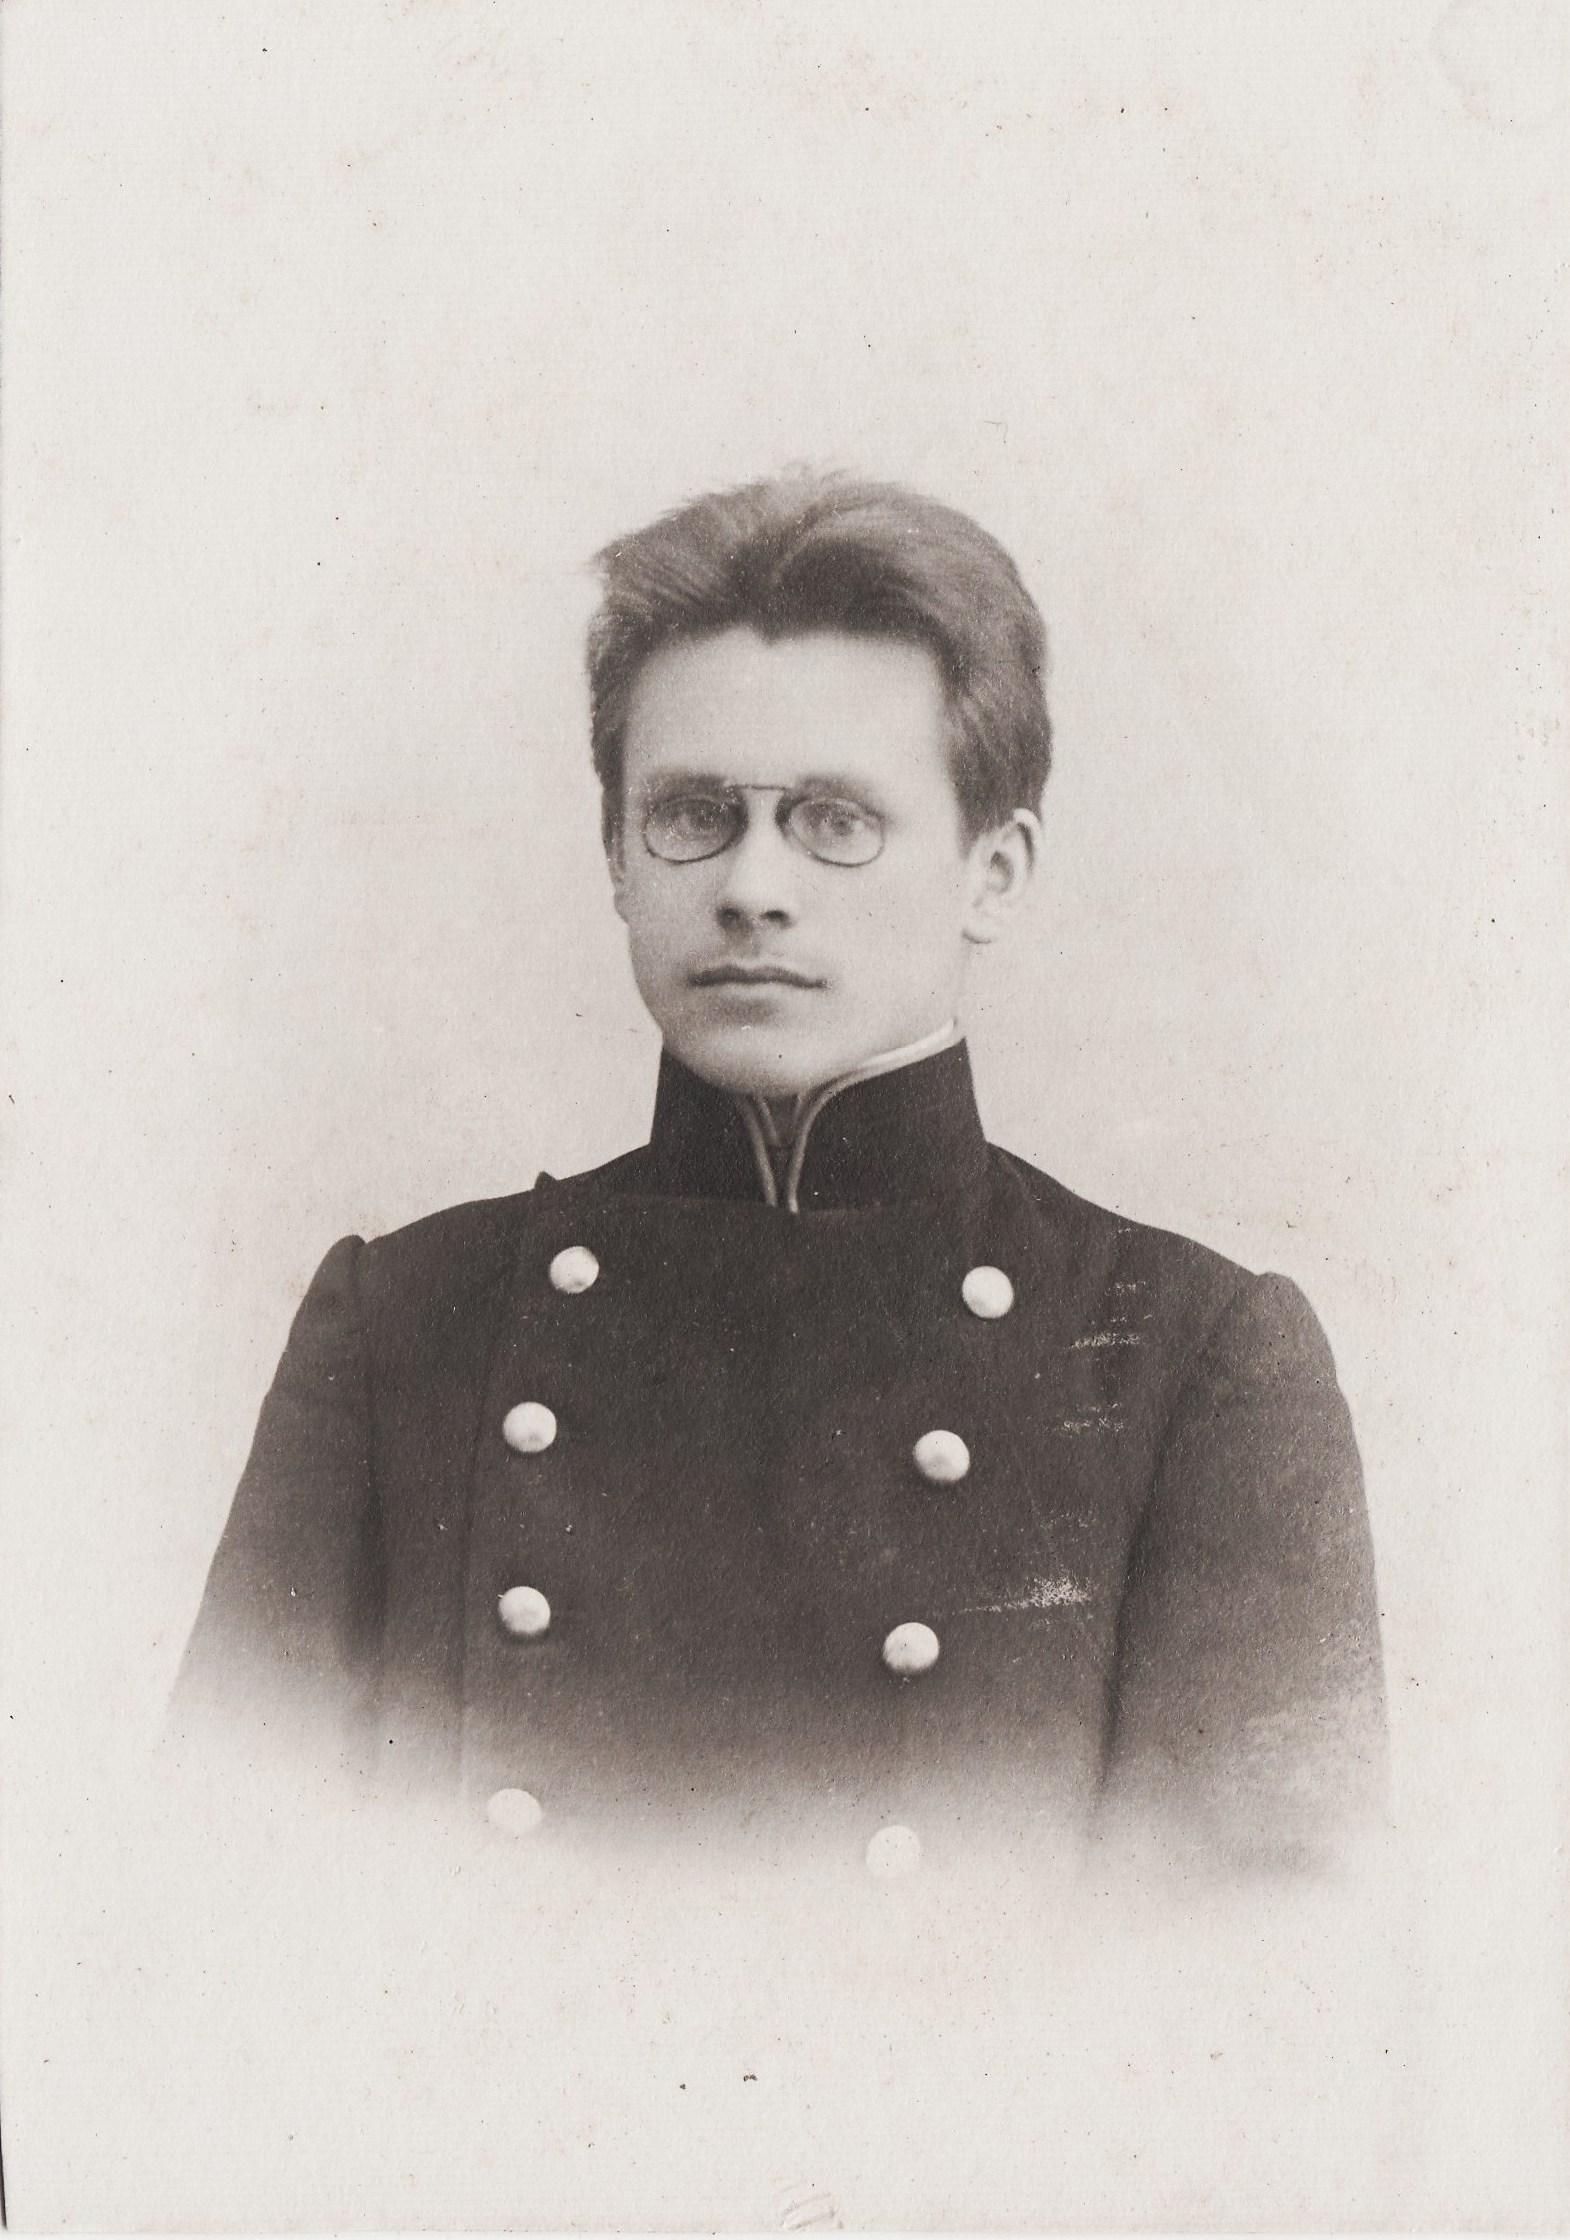 Студент Сахаров Николай. I отделение разряд 1.